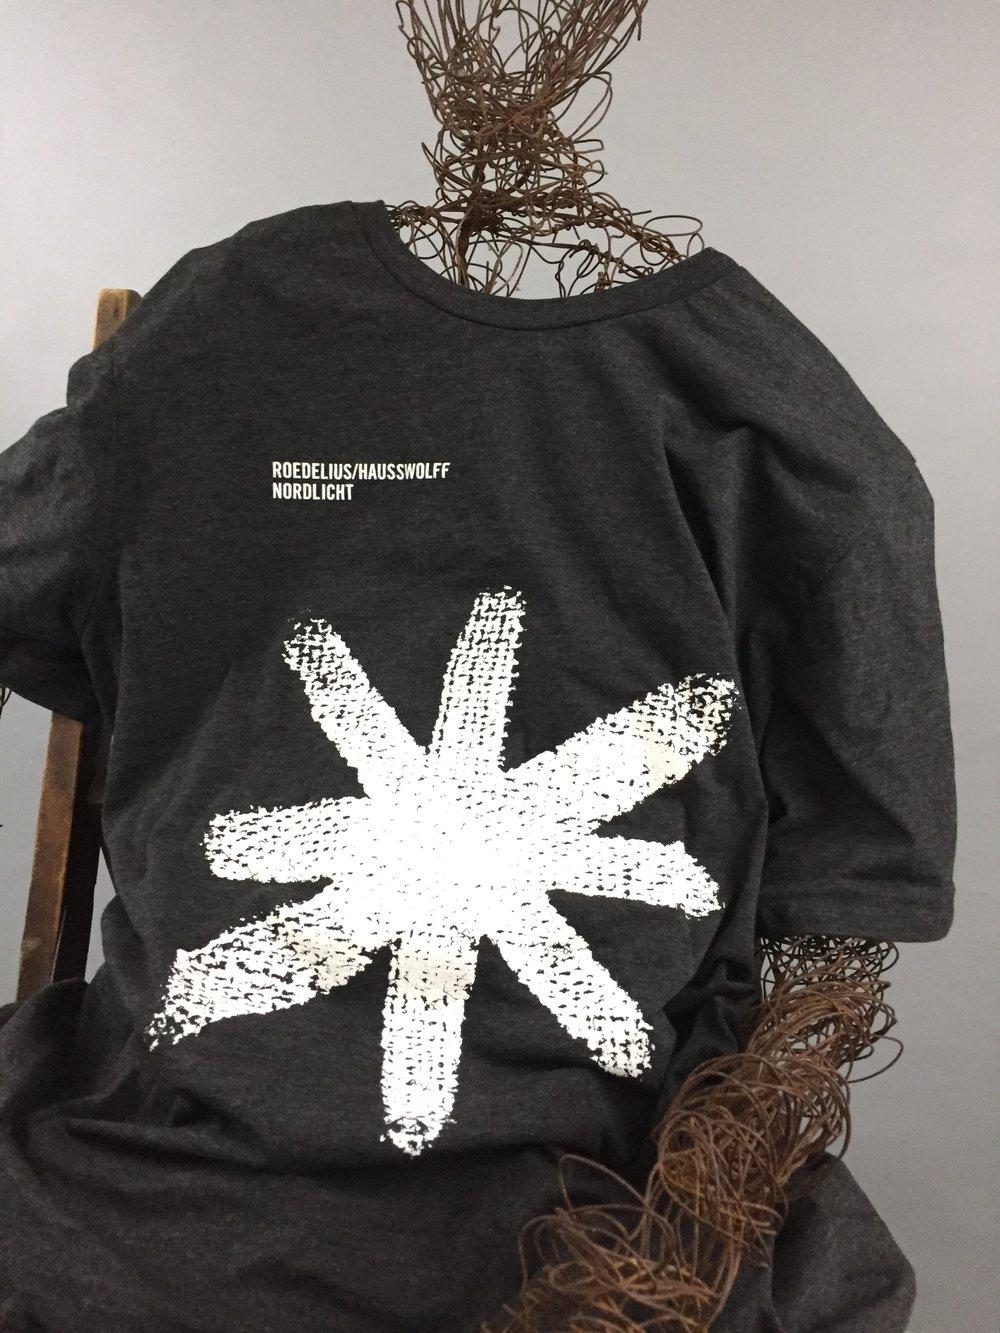 nordlicht_shirt.jpeg